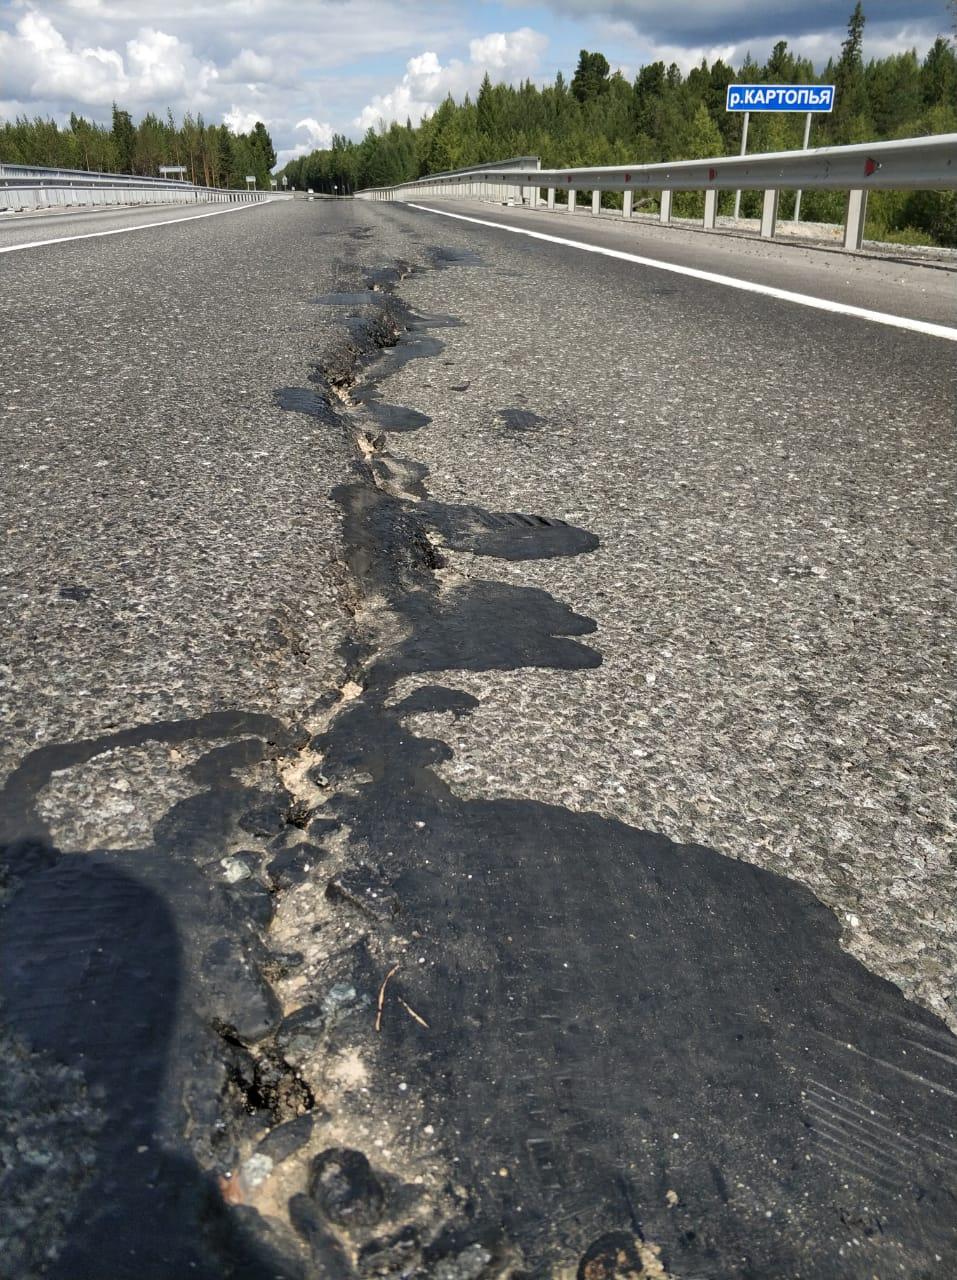 Еще одна новая дорога в ХМАО, строительство которой налогоплательщикам обошлосьв 1,8 млрд рублей, разваливается